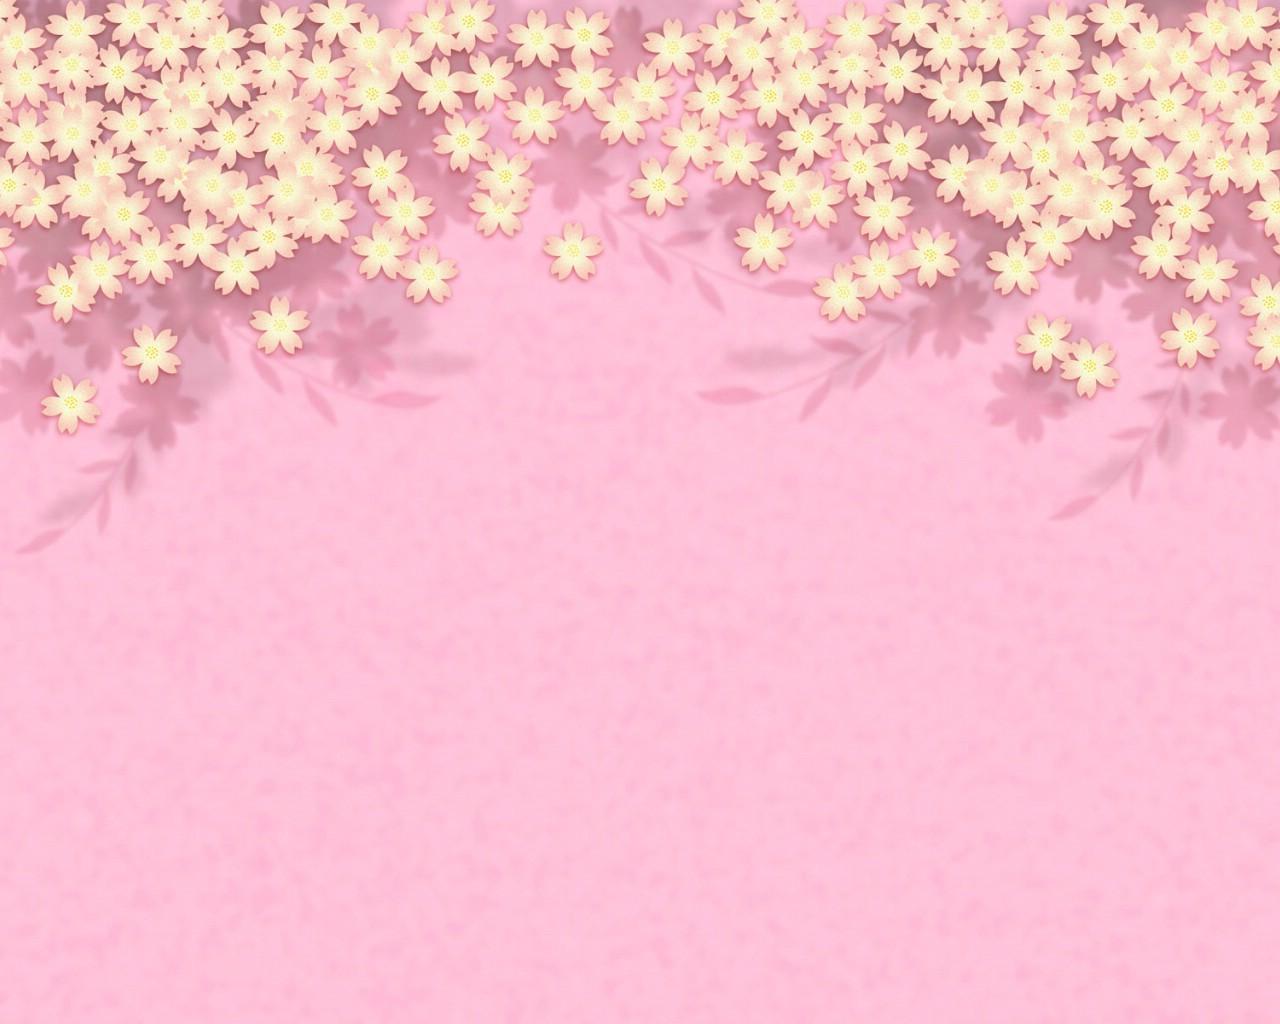 浅粉色聊天背景,浅粉色配什么颜色,浅粉色背景,浅粉色配什么颜色好看